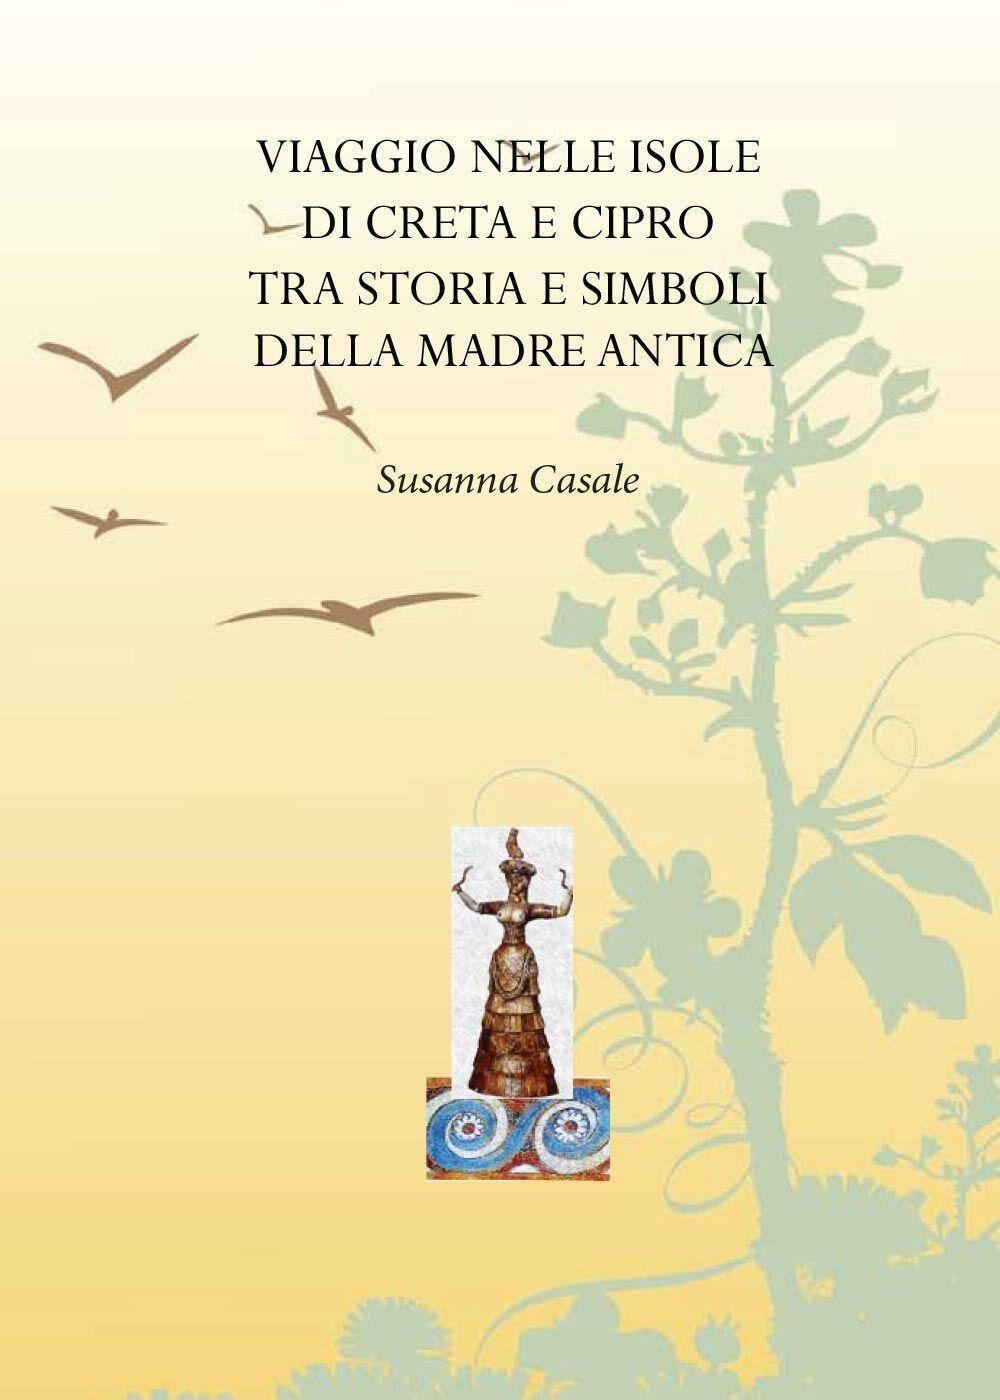 Viaggio nelle isole di Creta e Cipro tra storia e simboli della madre antica